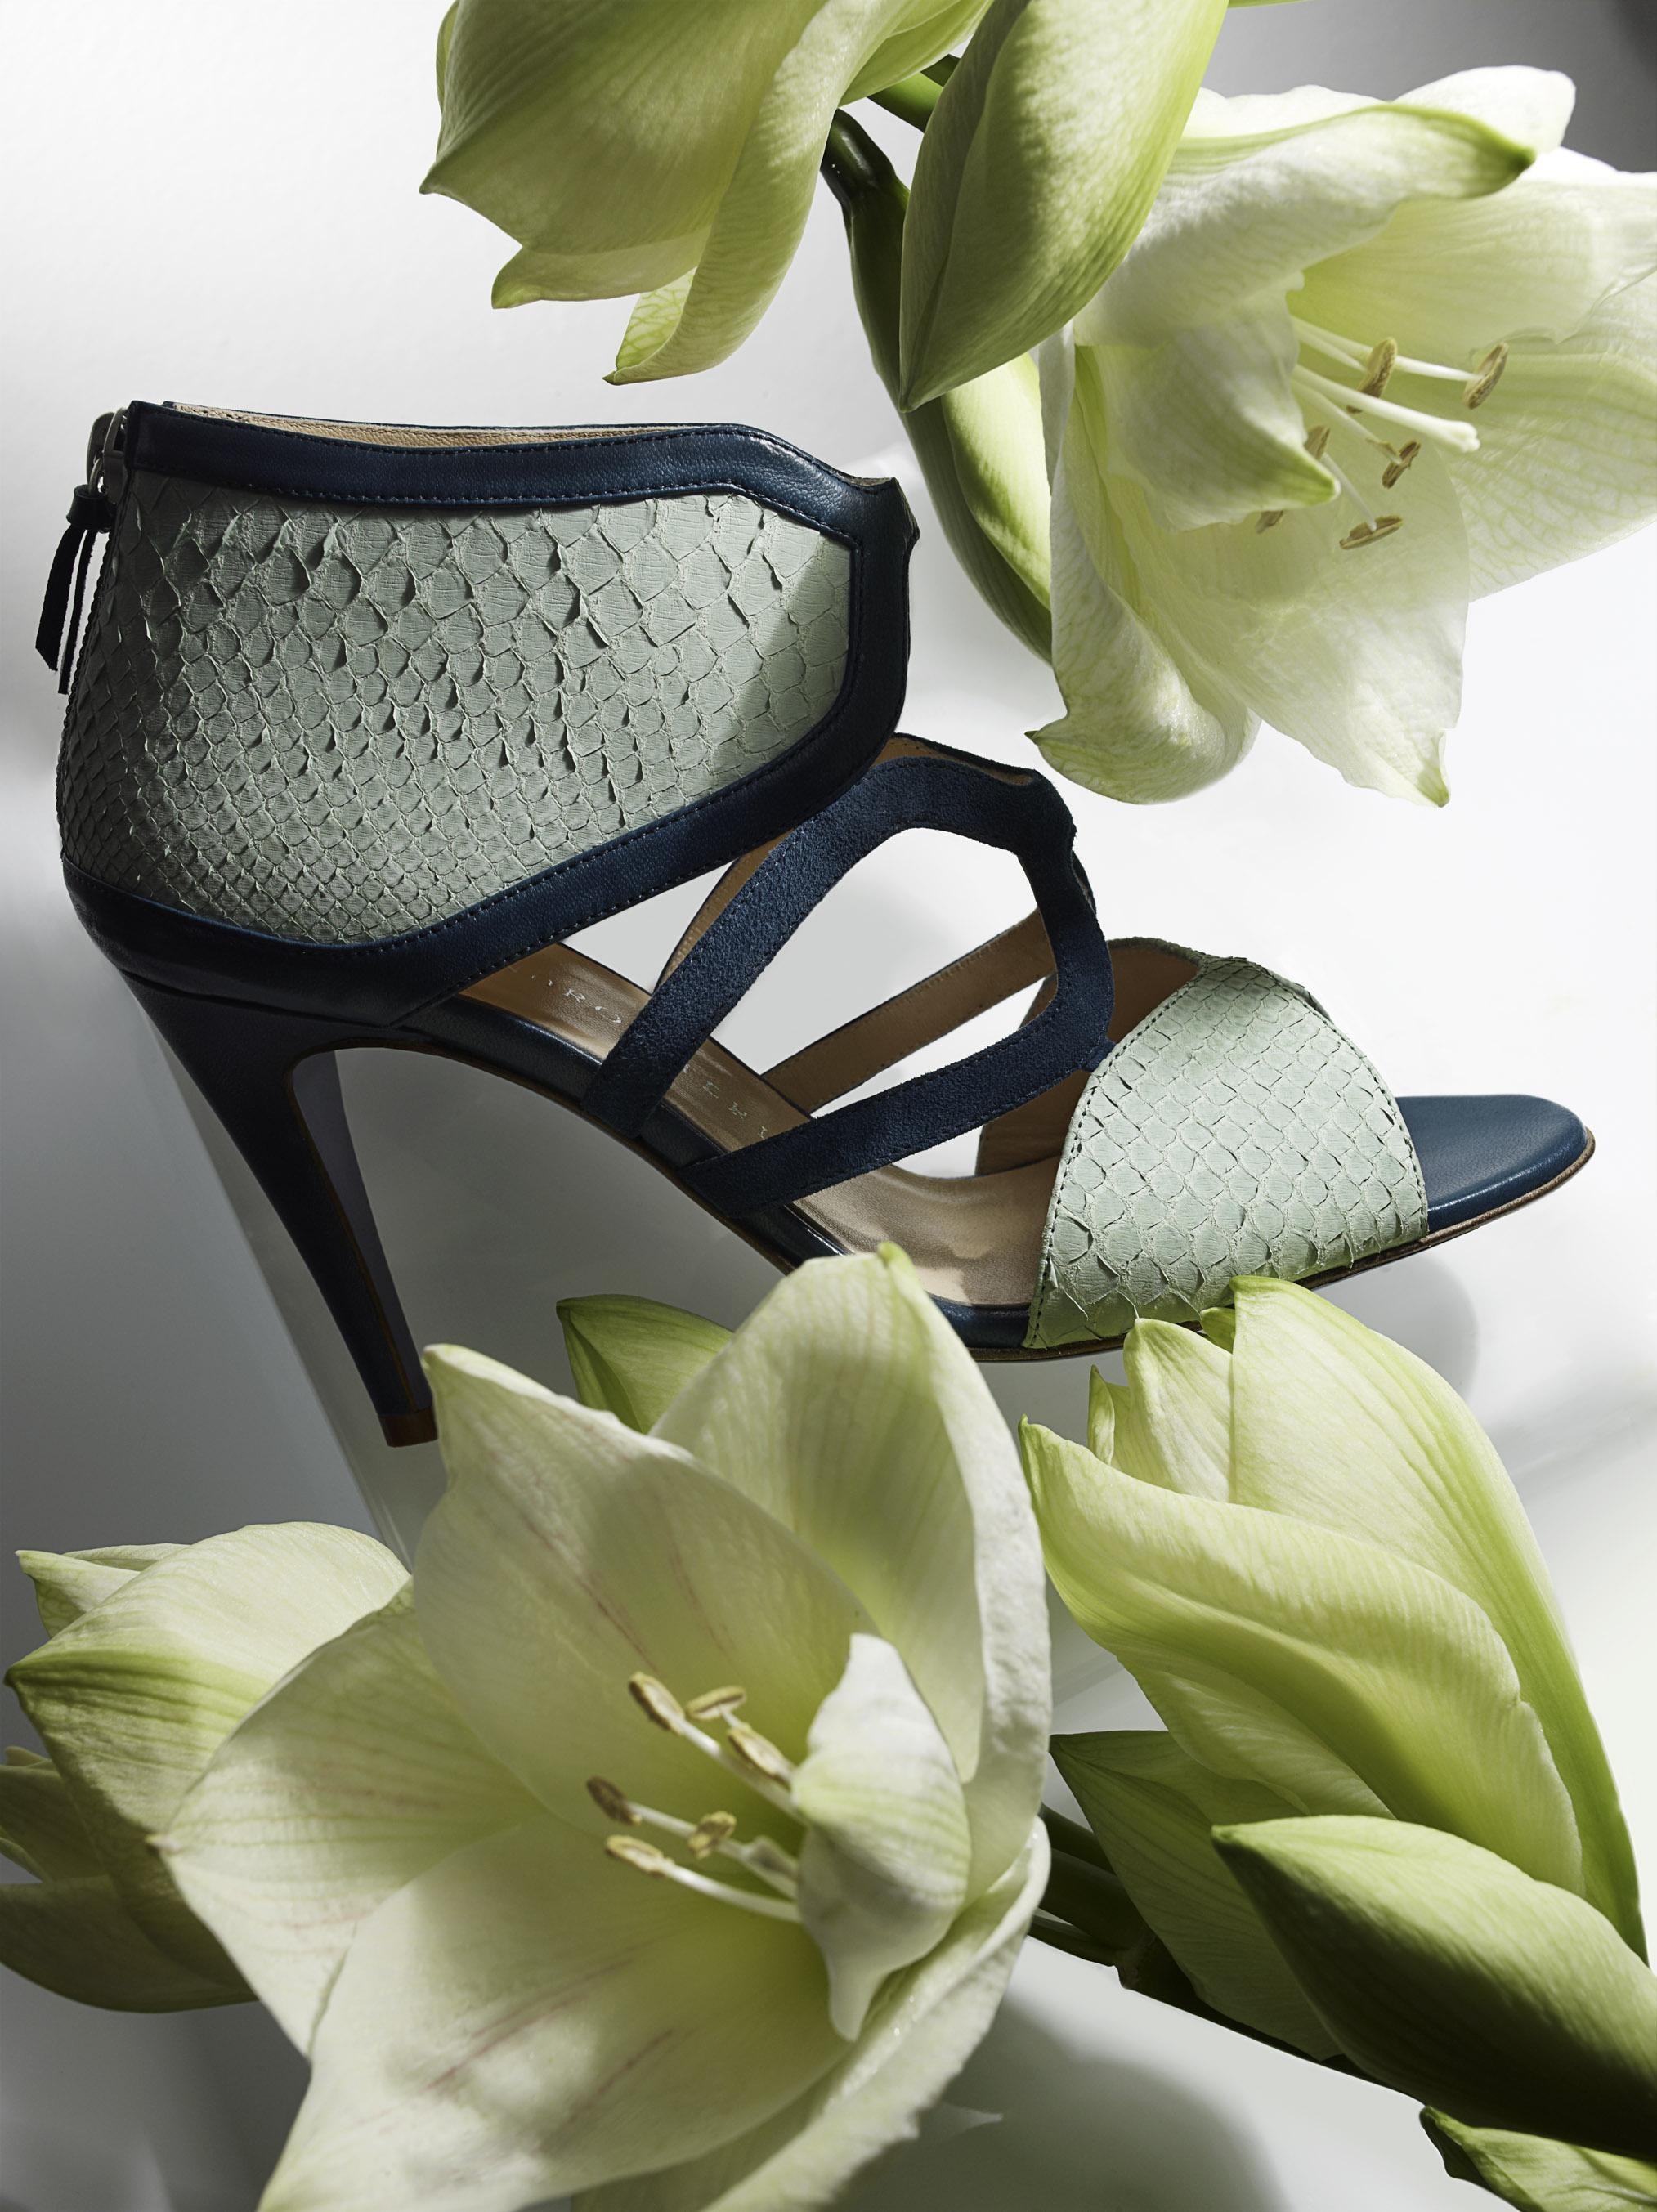 sandali verdi e blu 2013 pelle rettile tacco comodo